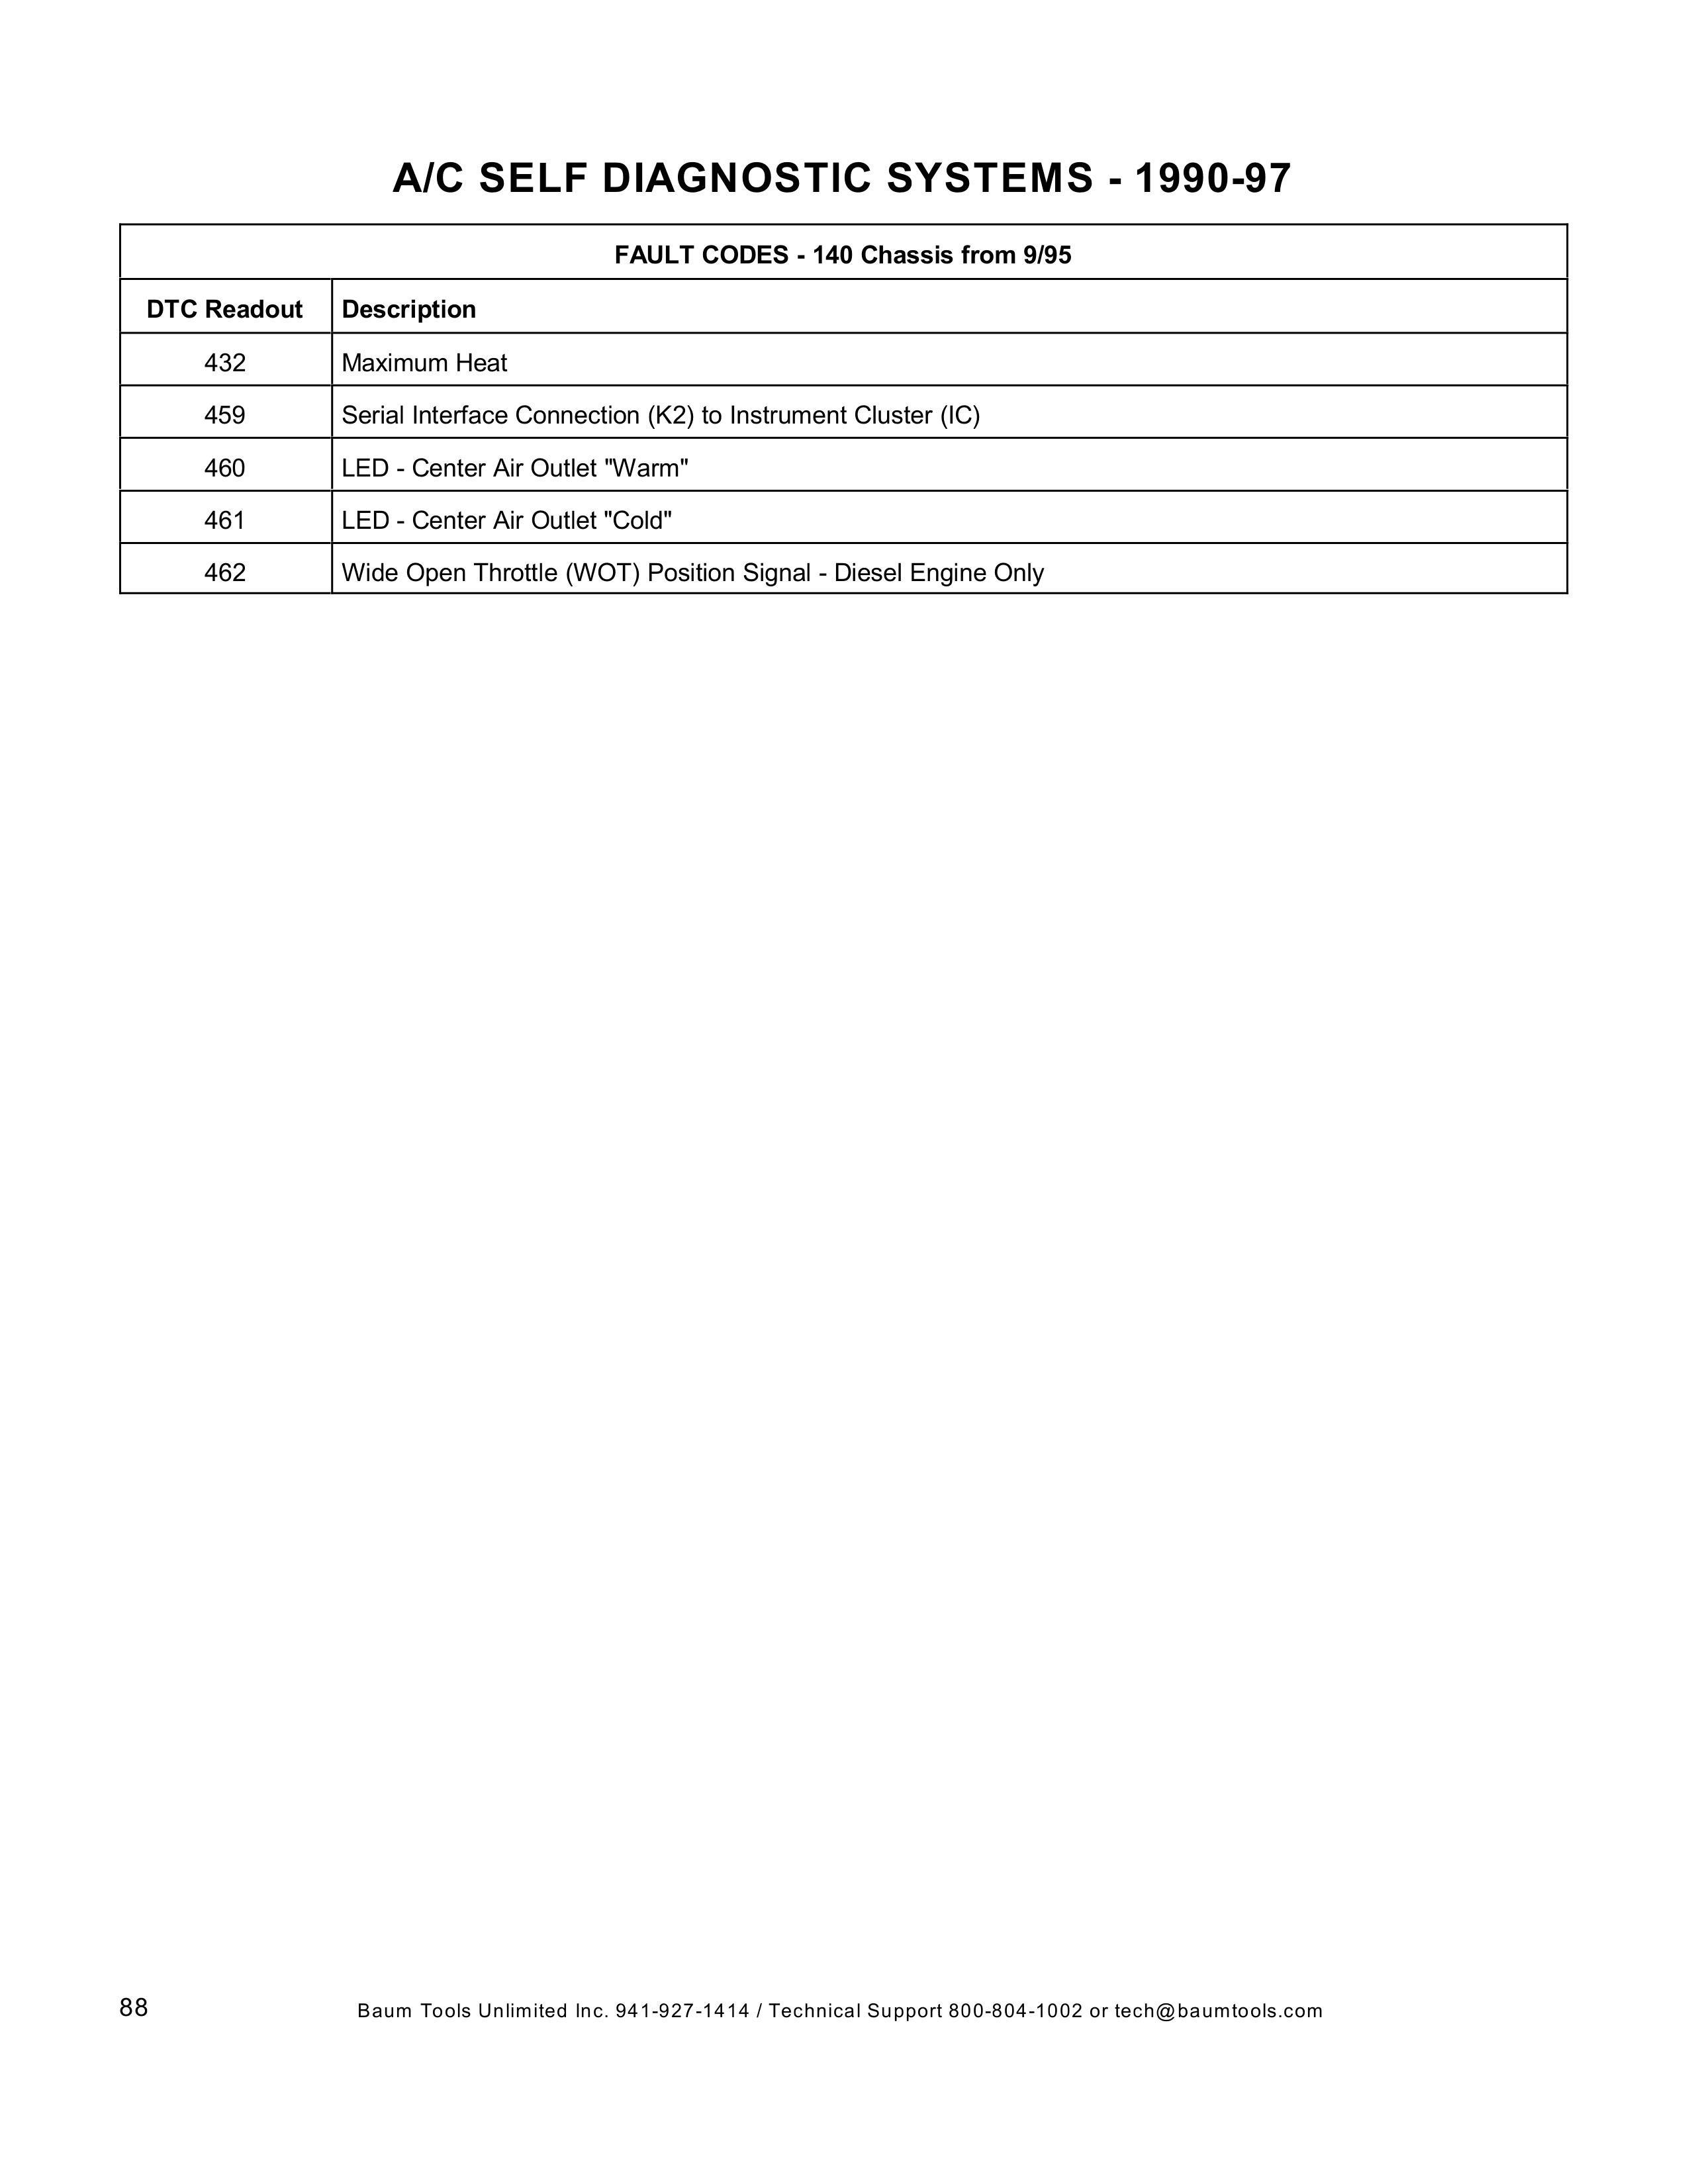 (AJUDA GERAL): Manual de códigos das falhas - analógico e digital - 1988 a 2000 008812